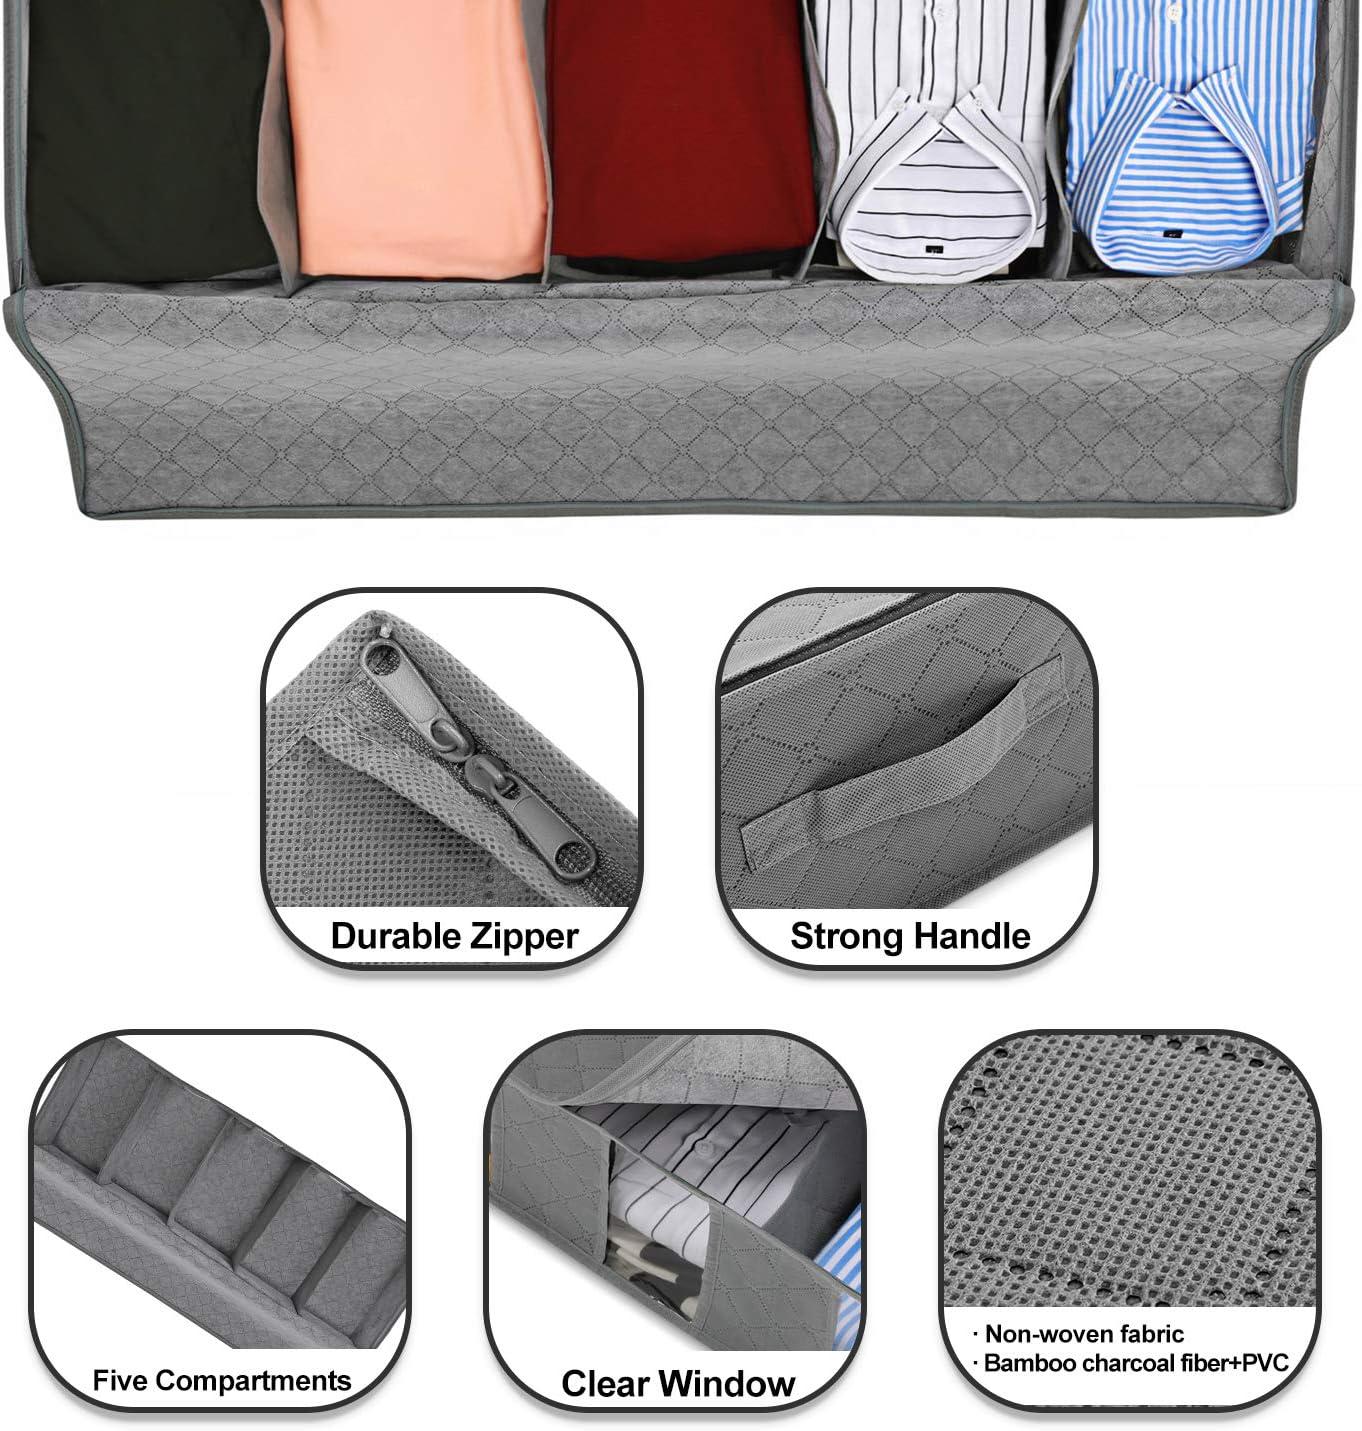 Bolsa Organizadora de 5 Compartimientos con Ventanilla Transparente para Debajo de la Cama Zapatos Magicfly Bolsa de Almacenamiento Bajo la Cama para Ropa Ropa de Cama